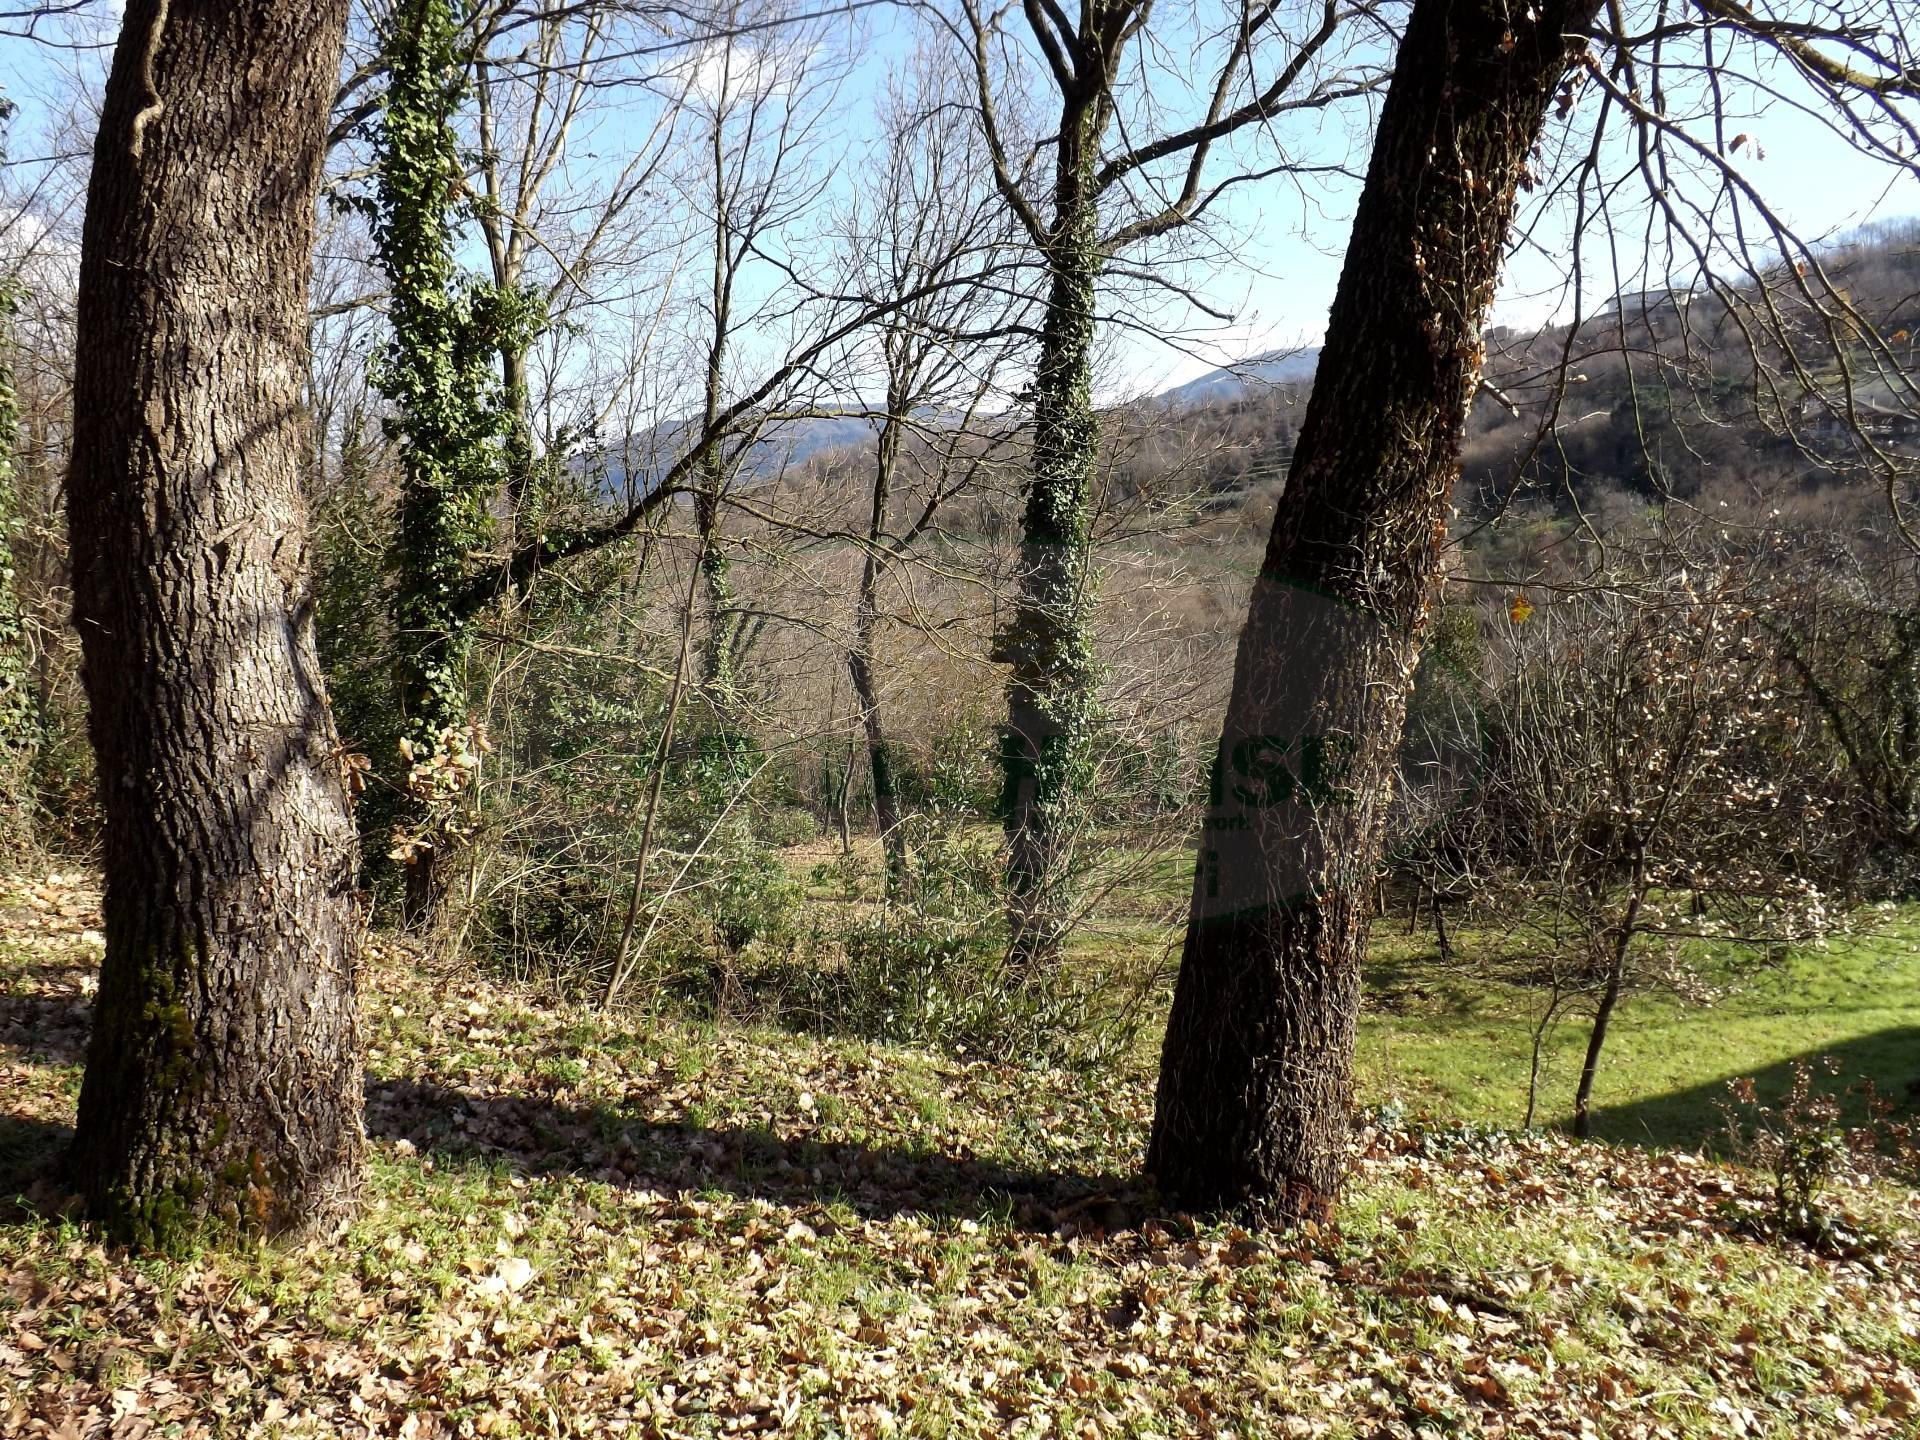 Terreno Agricolo in vendita a Aiello del Sabato, 9999 locali, prezzo € 40.000 | Cambio Casa.it